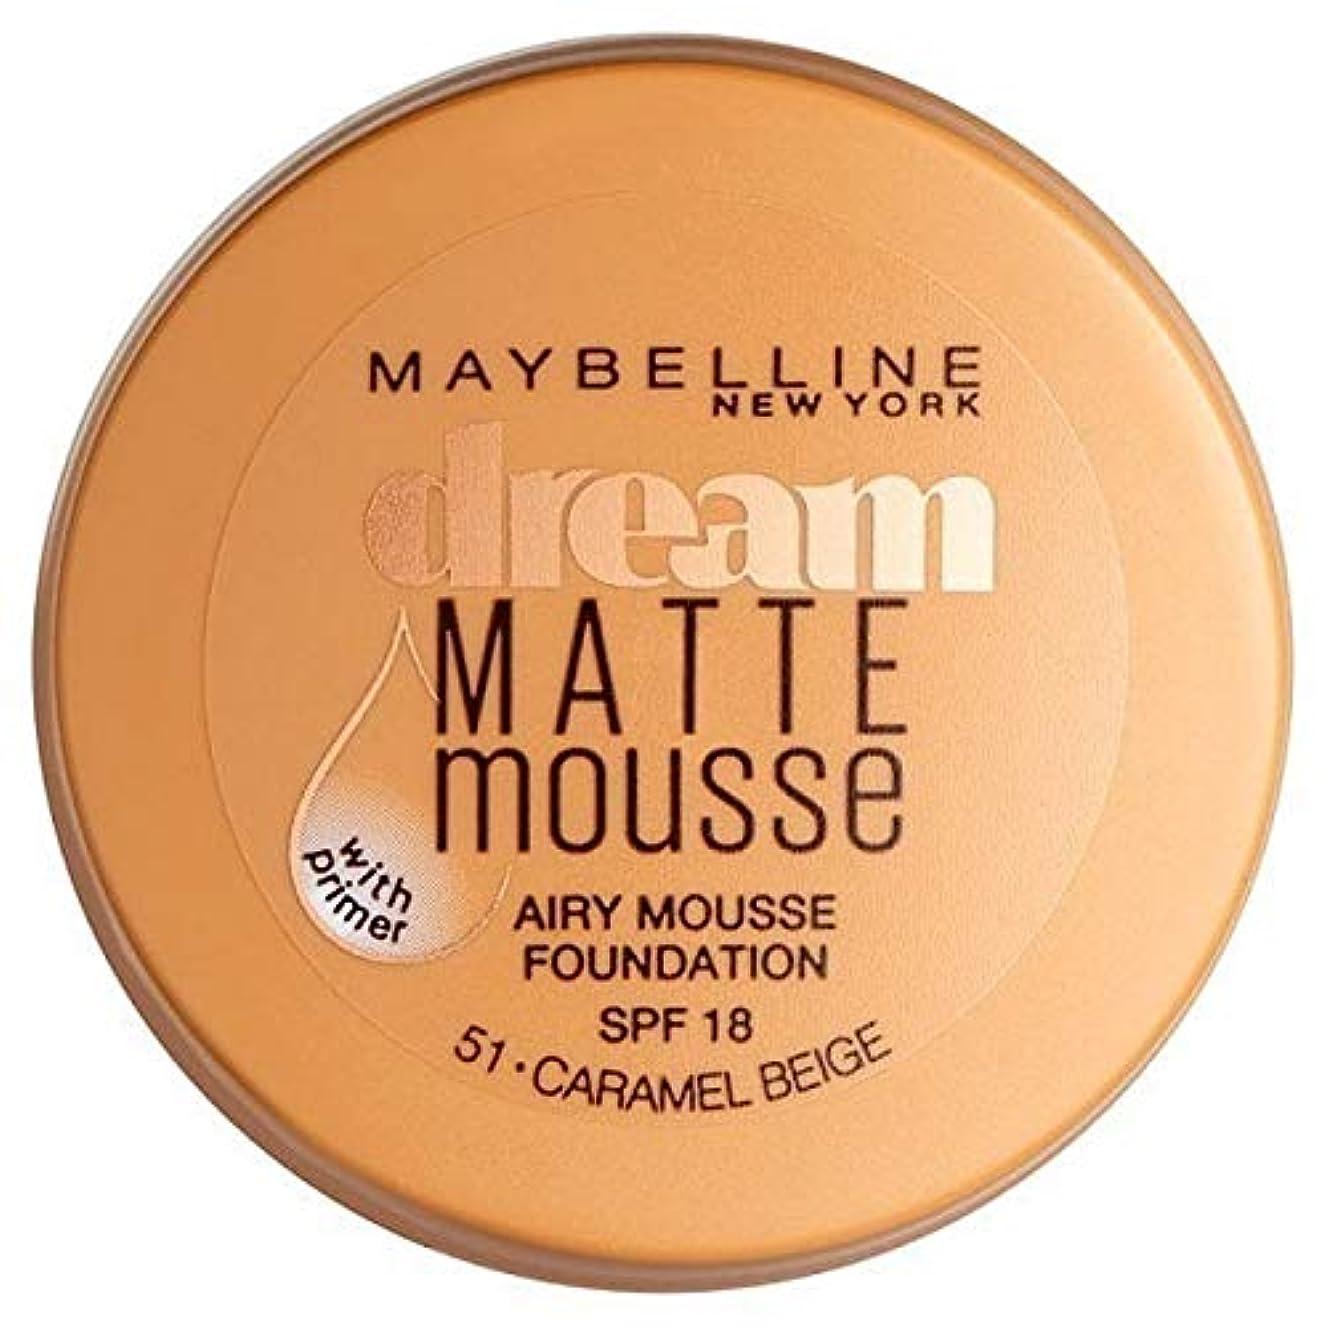 登録世界に死んだ風刺[Maybelline ] メイベリン夢のマットムース基盤051キャラメルベージュ - Maybelline Dream Matte Mousse Foundation 051 Caramel Beige [並行輸入品]